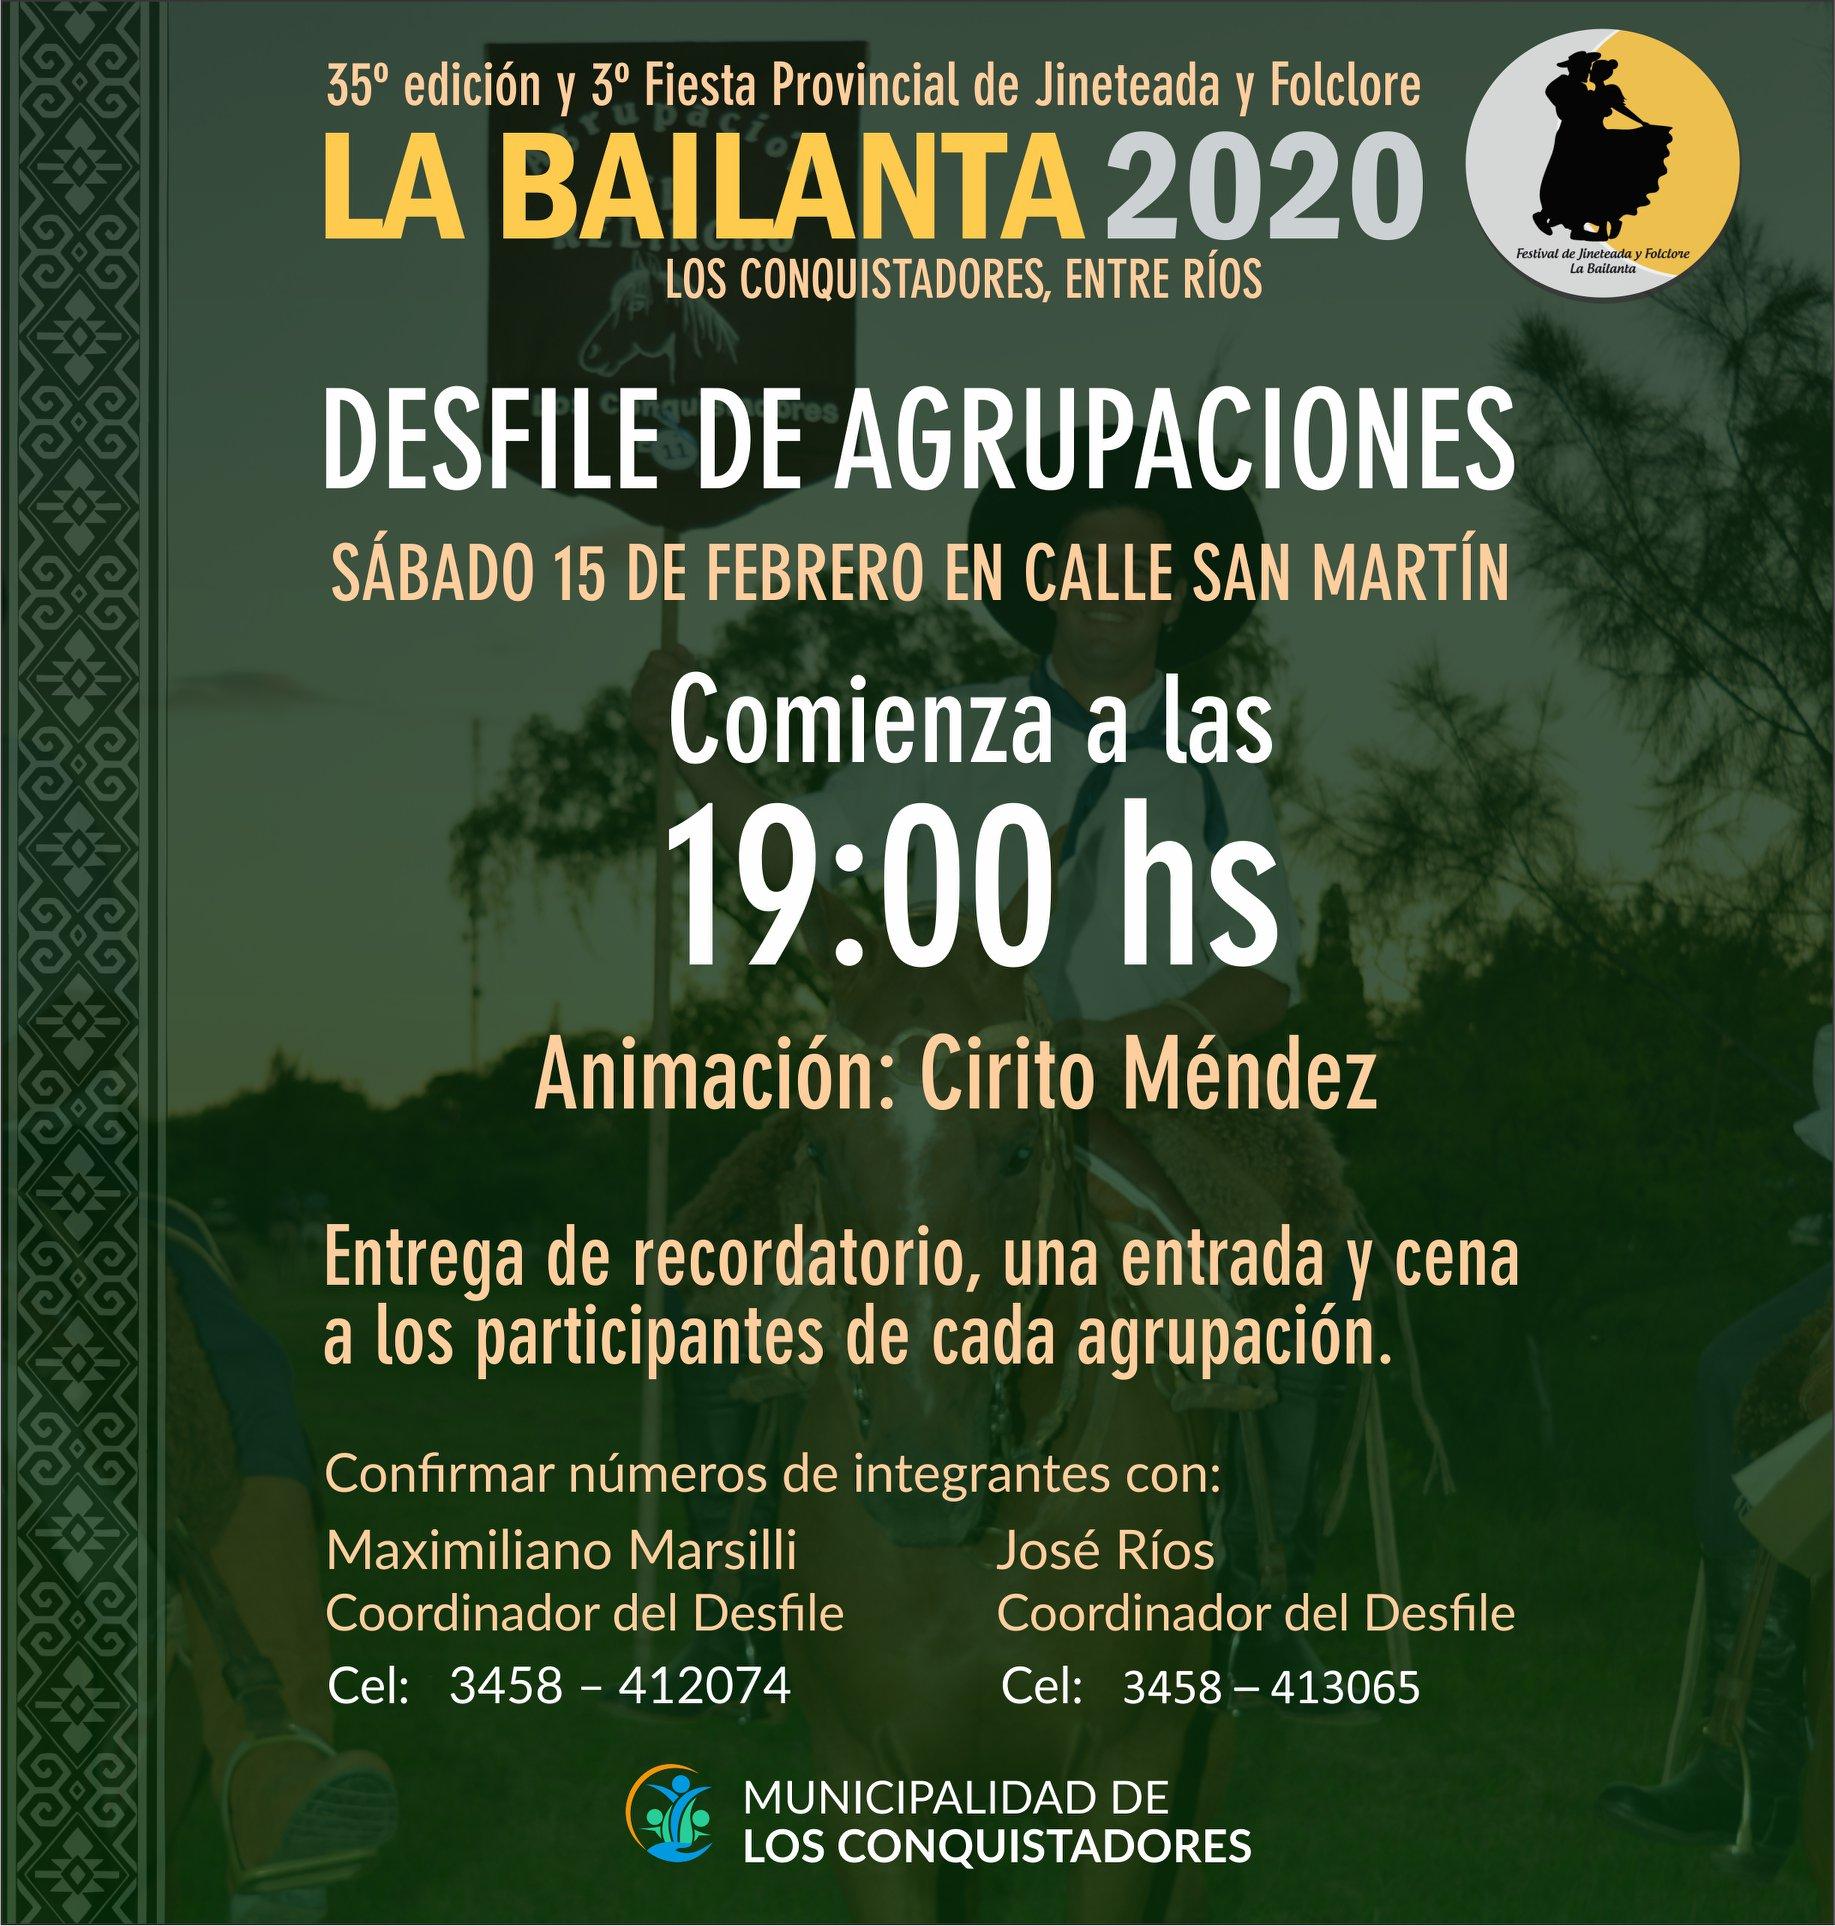 LA BAILANTA DE LOS CONQUISTADORES